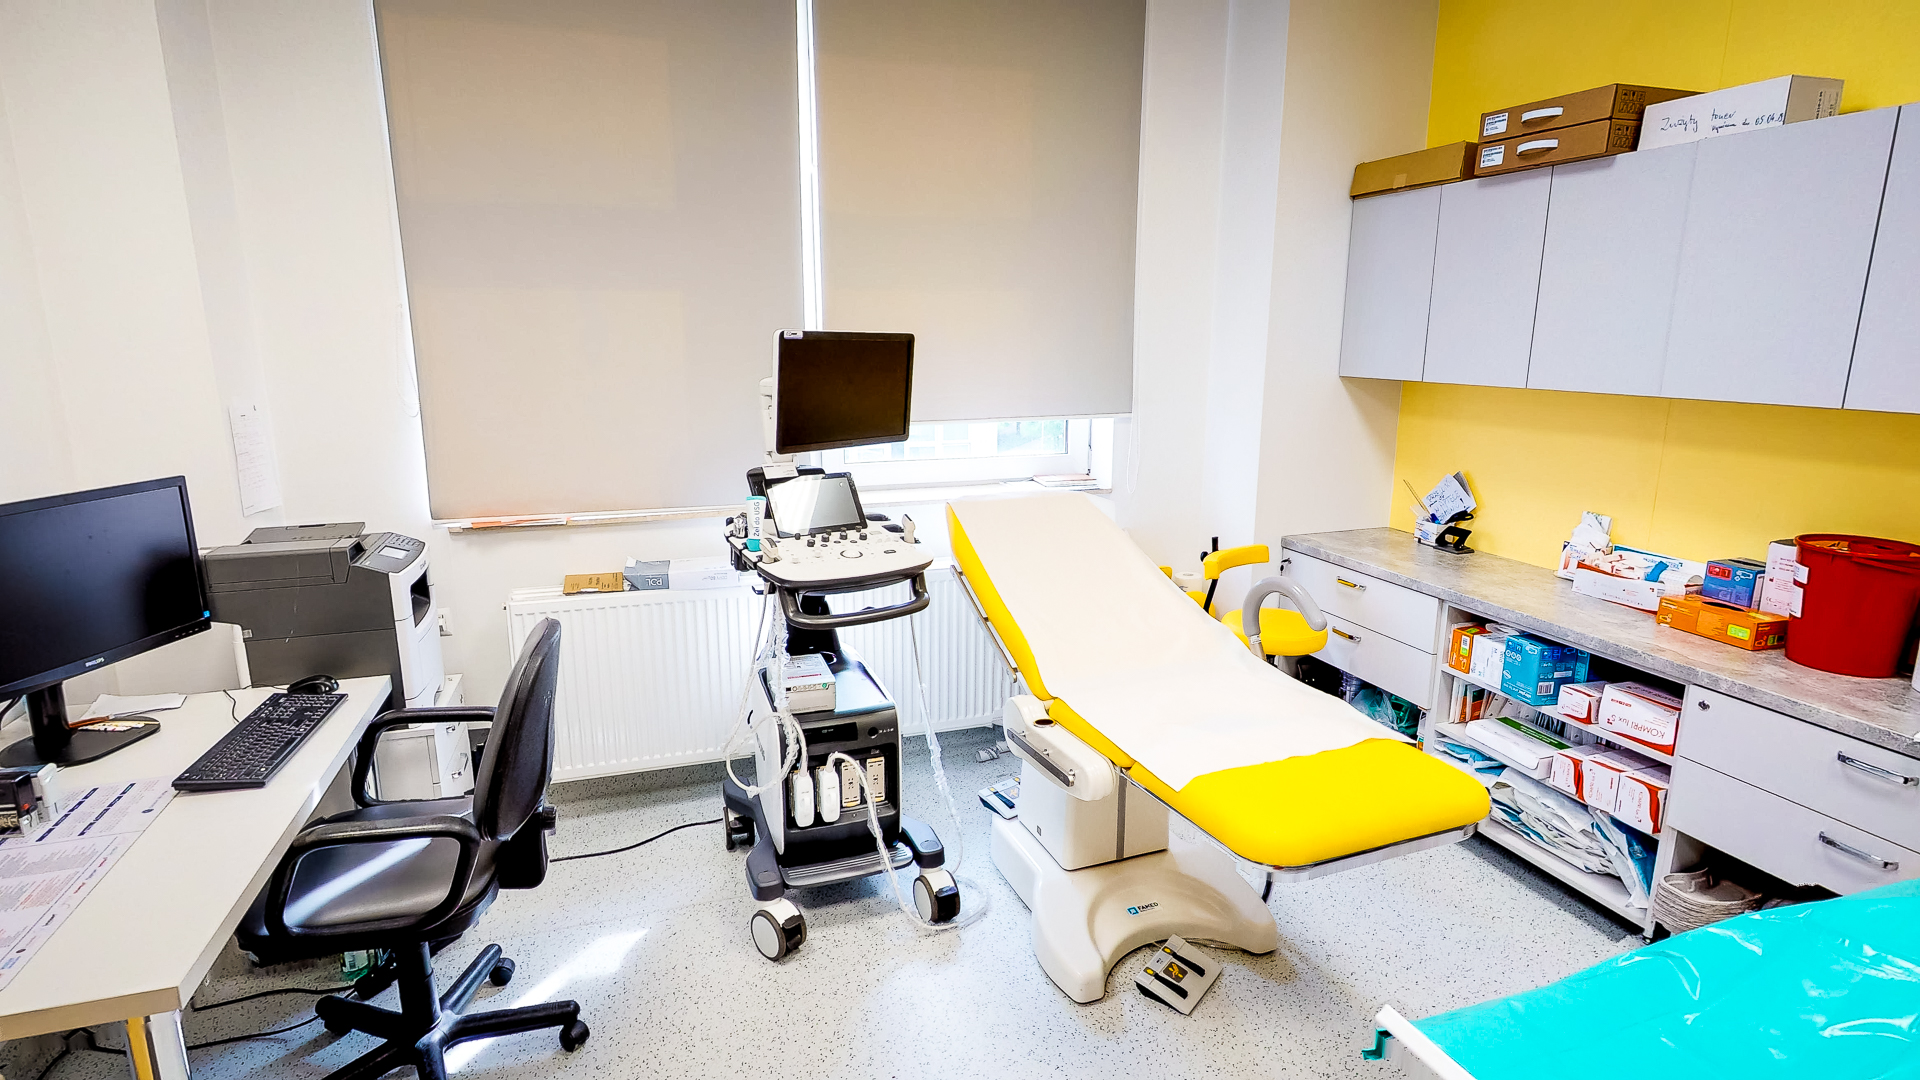 wirtualny spacer szpital